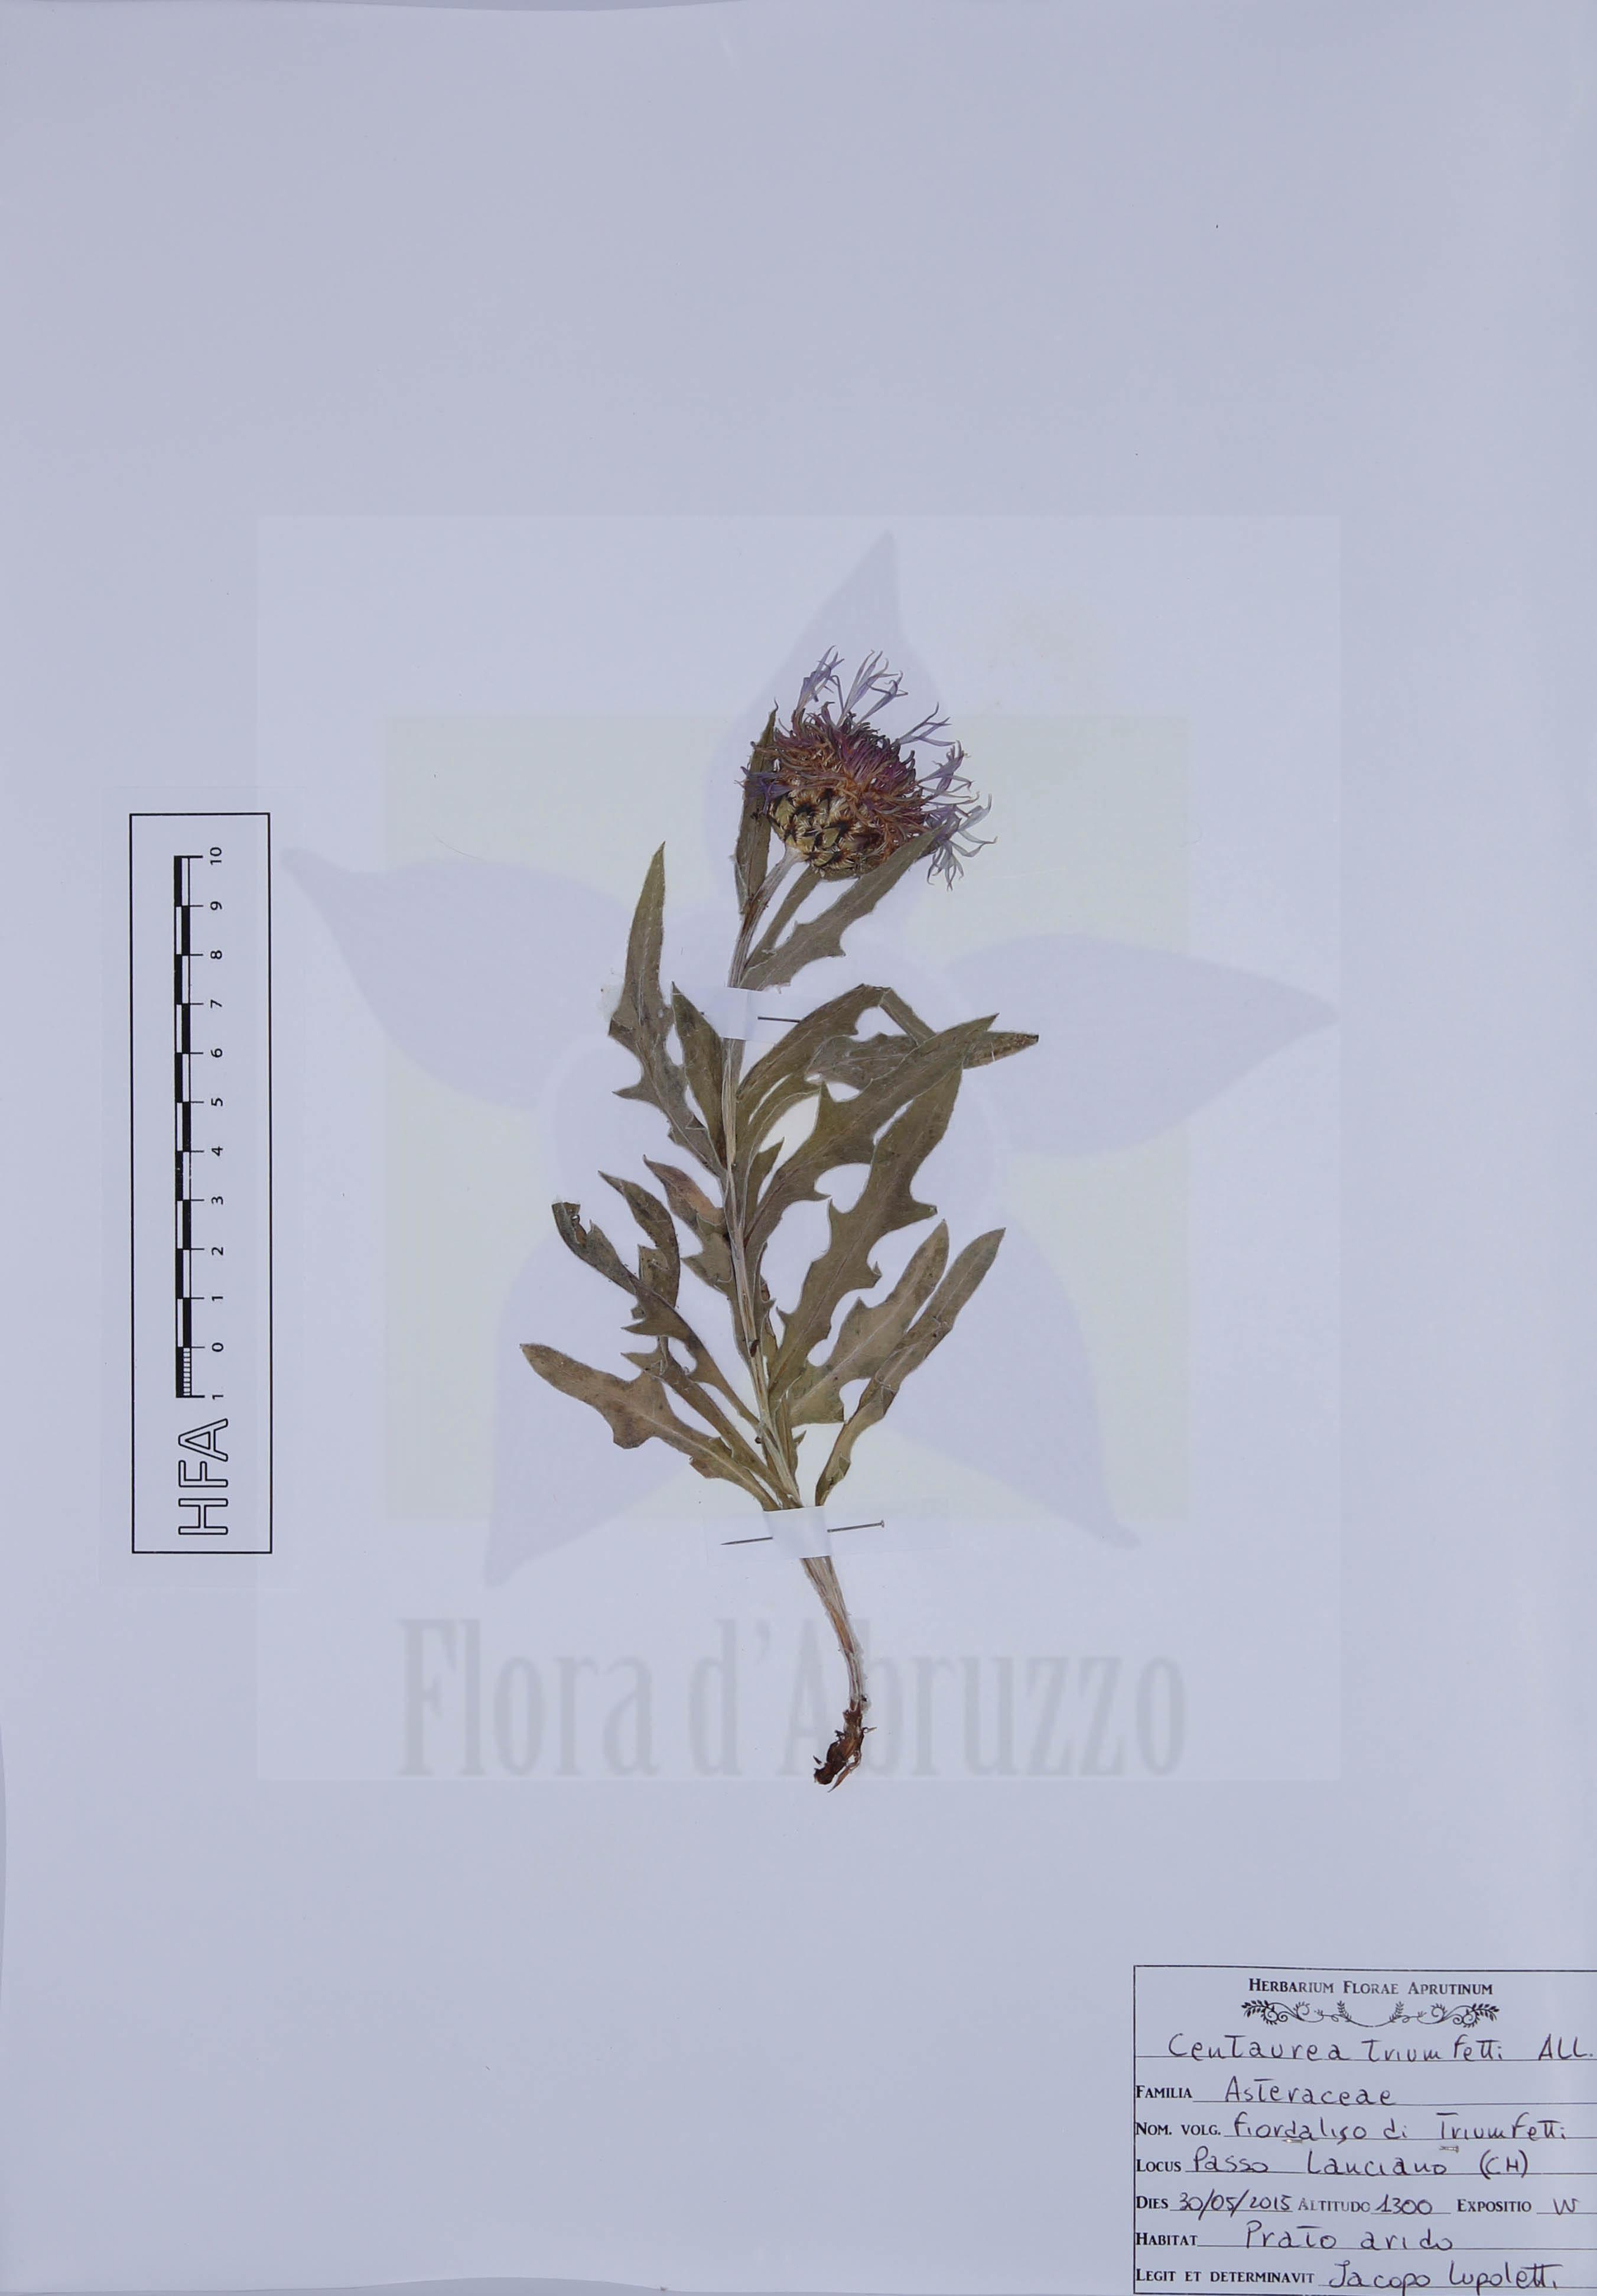 Centaurea triumfettiiAll.